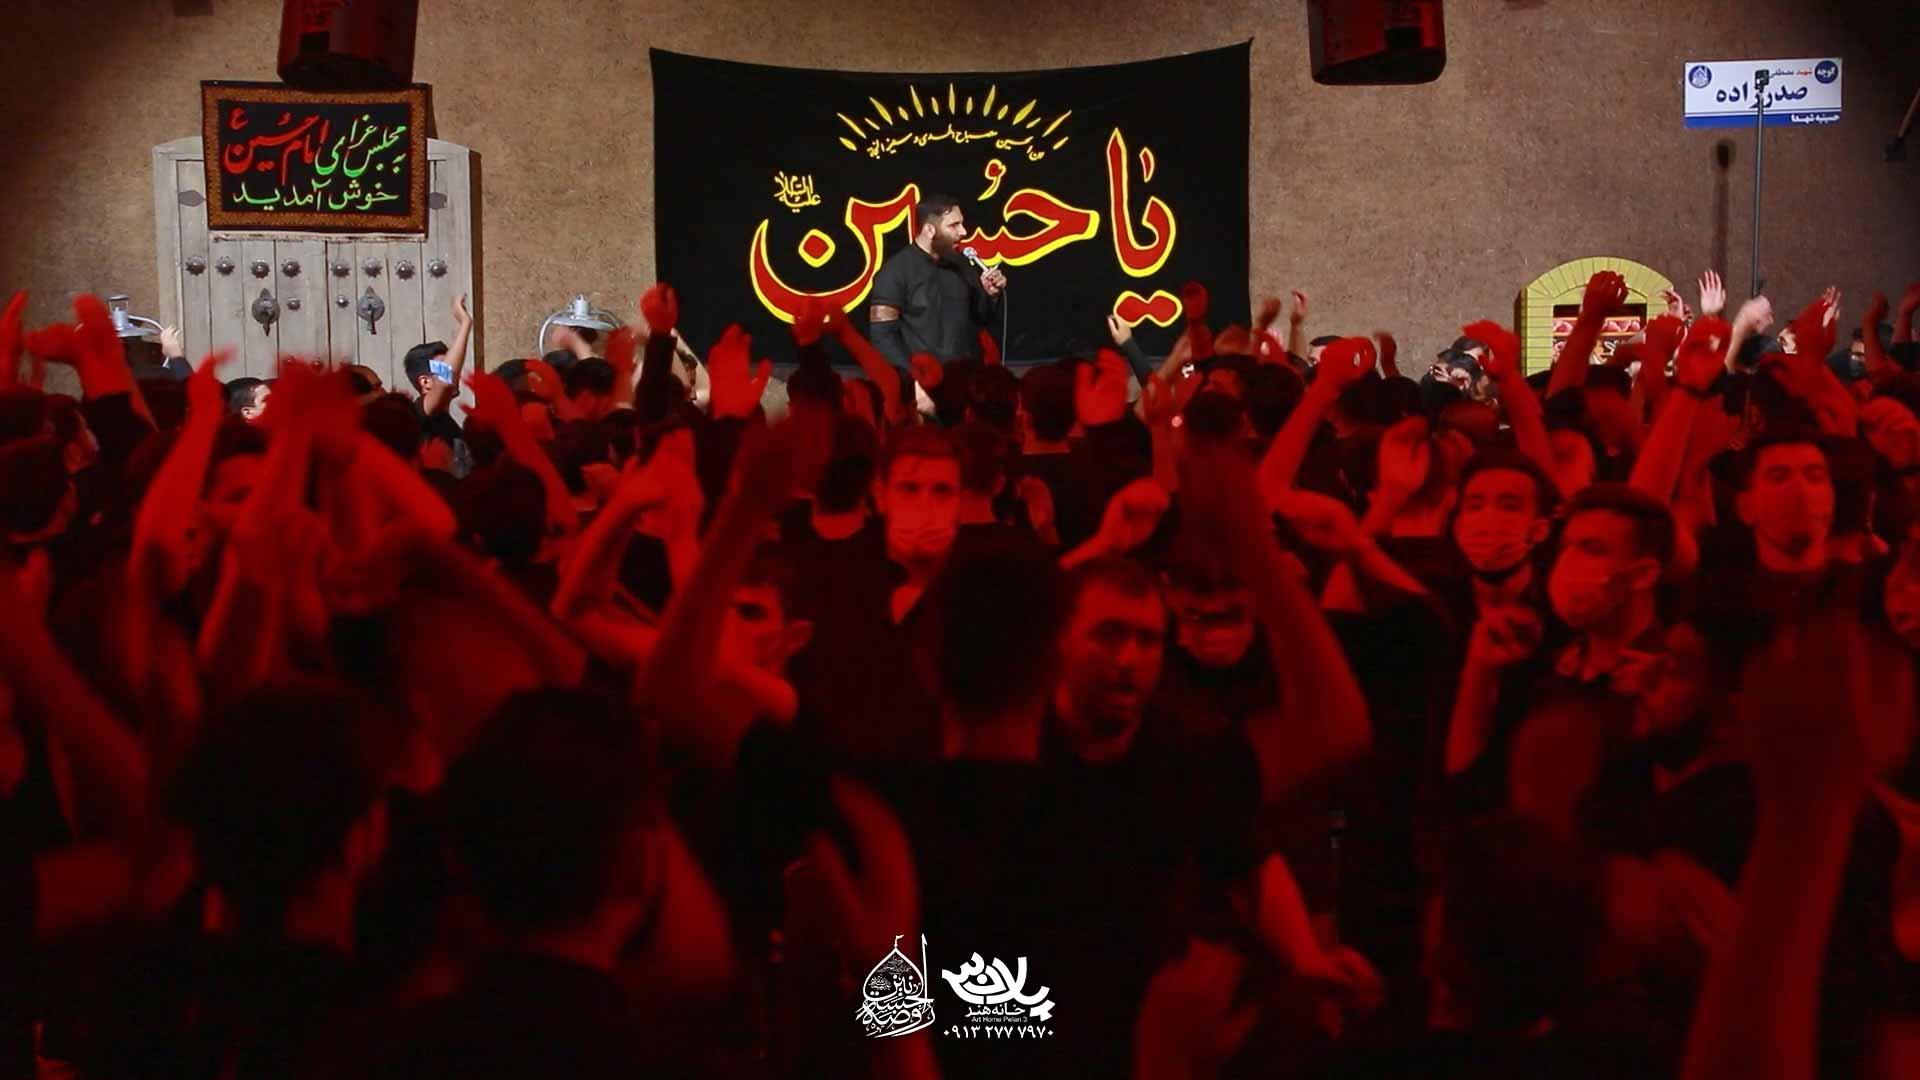 چیکار با سرنوشت میکنه محمدحسین حدادیان